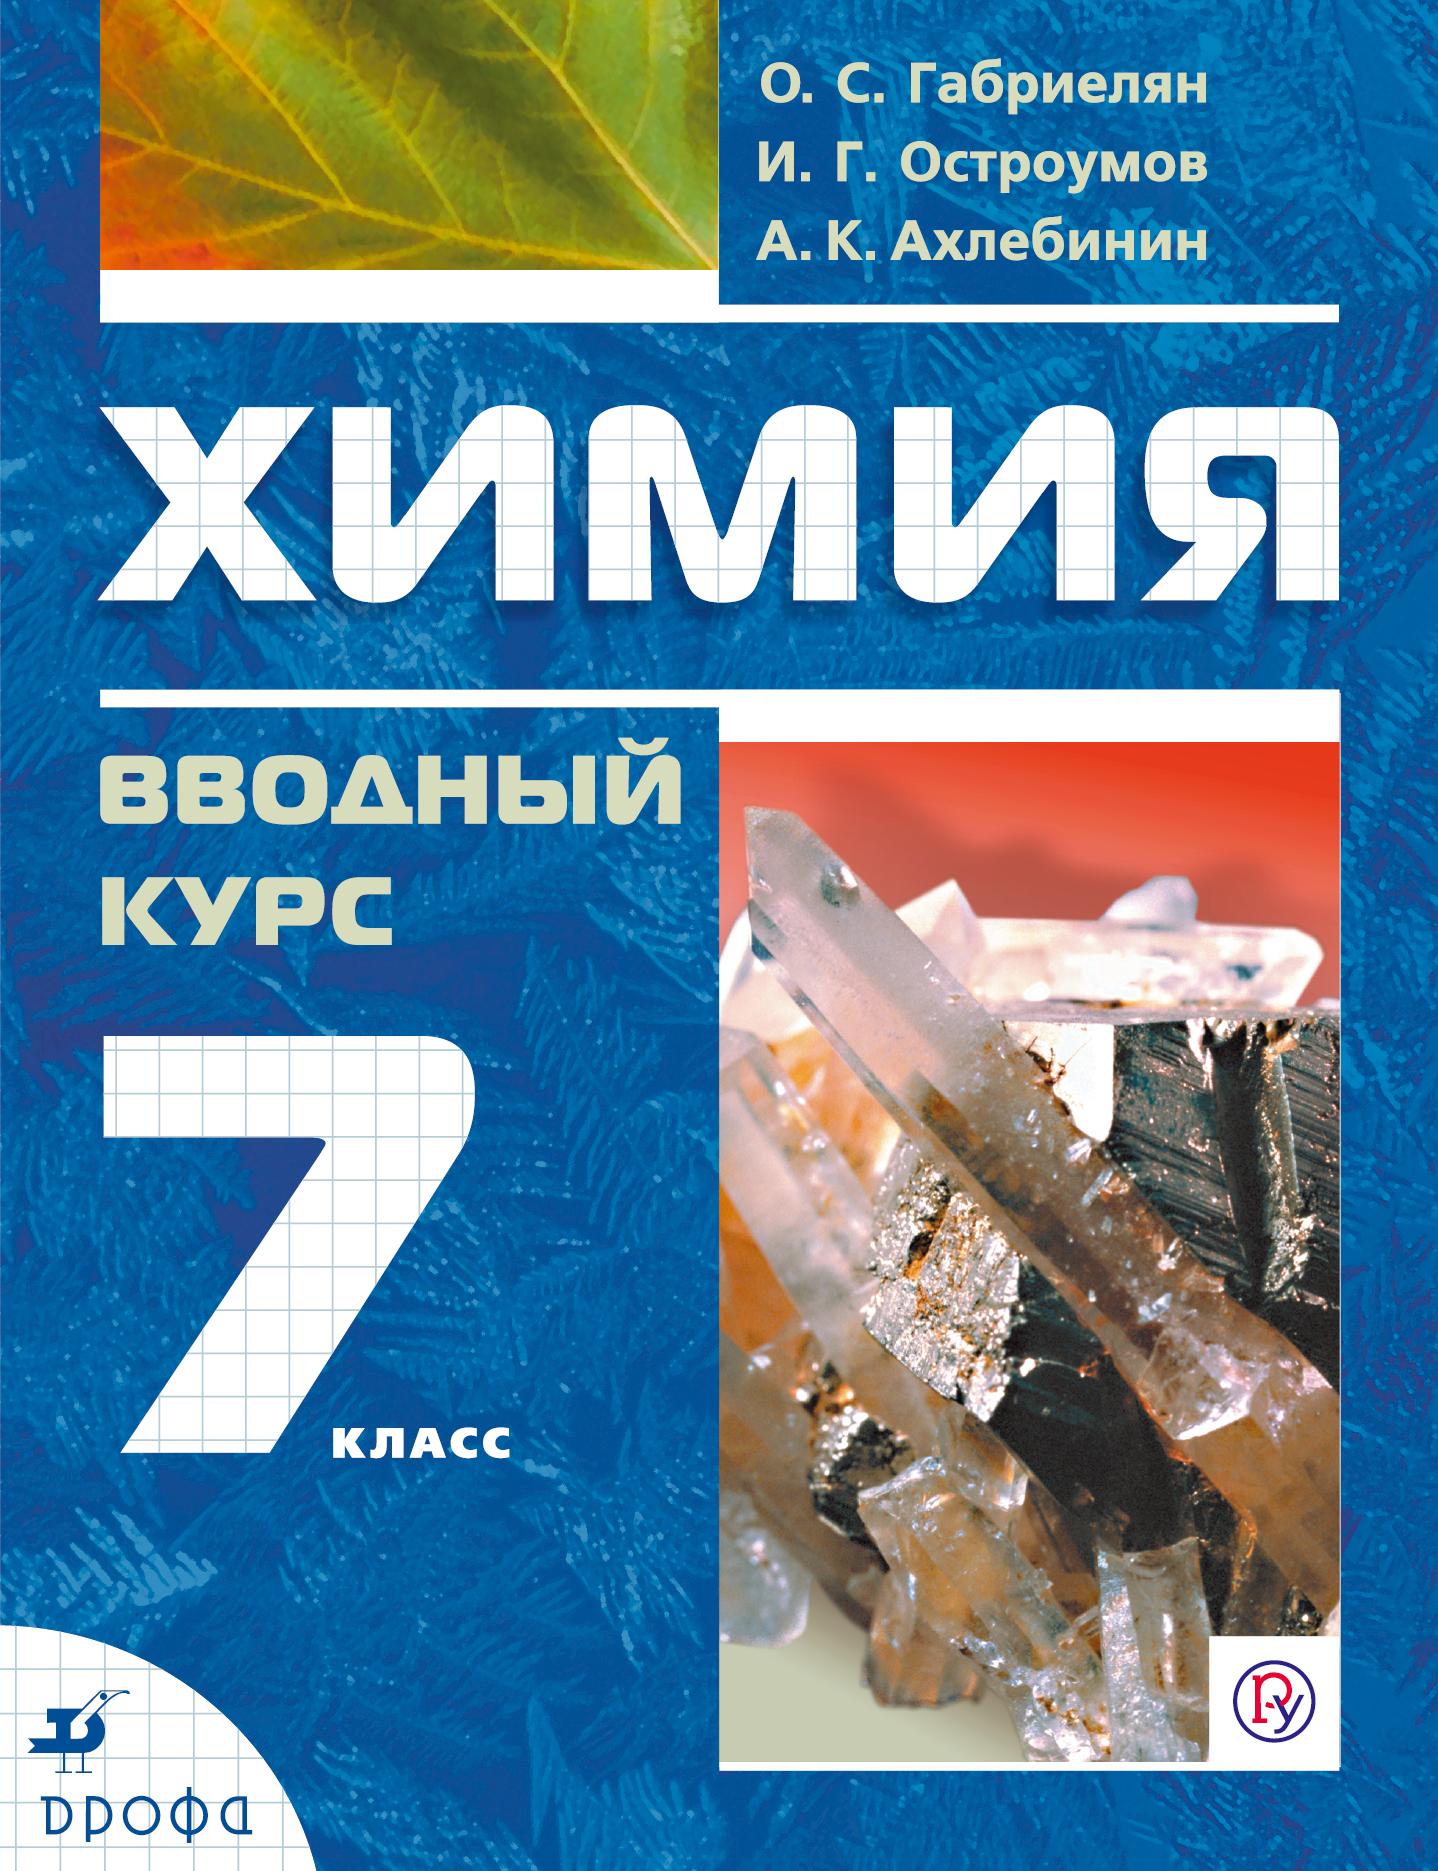 Химия. Вводный курс.7 класс. Учебник ( Габриелян О.С., Остроумов И.Г., Ахлебинин А.К.  )